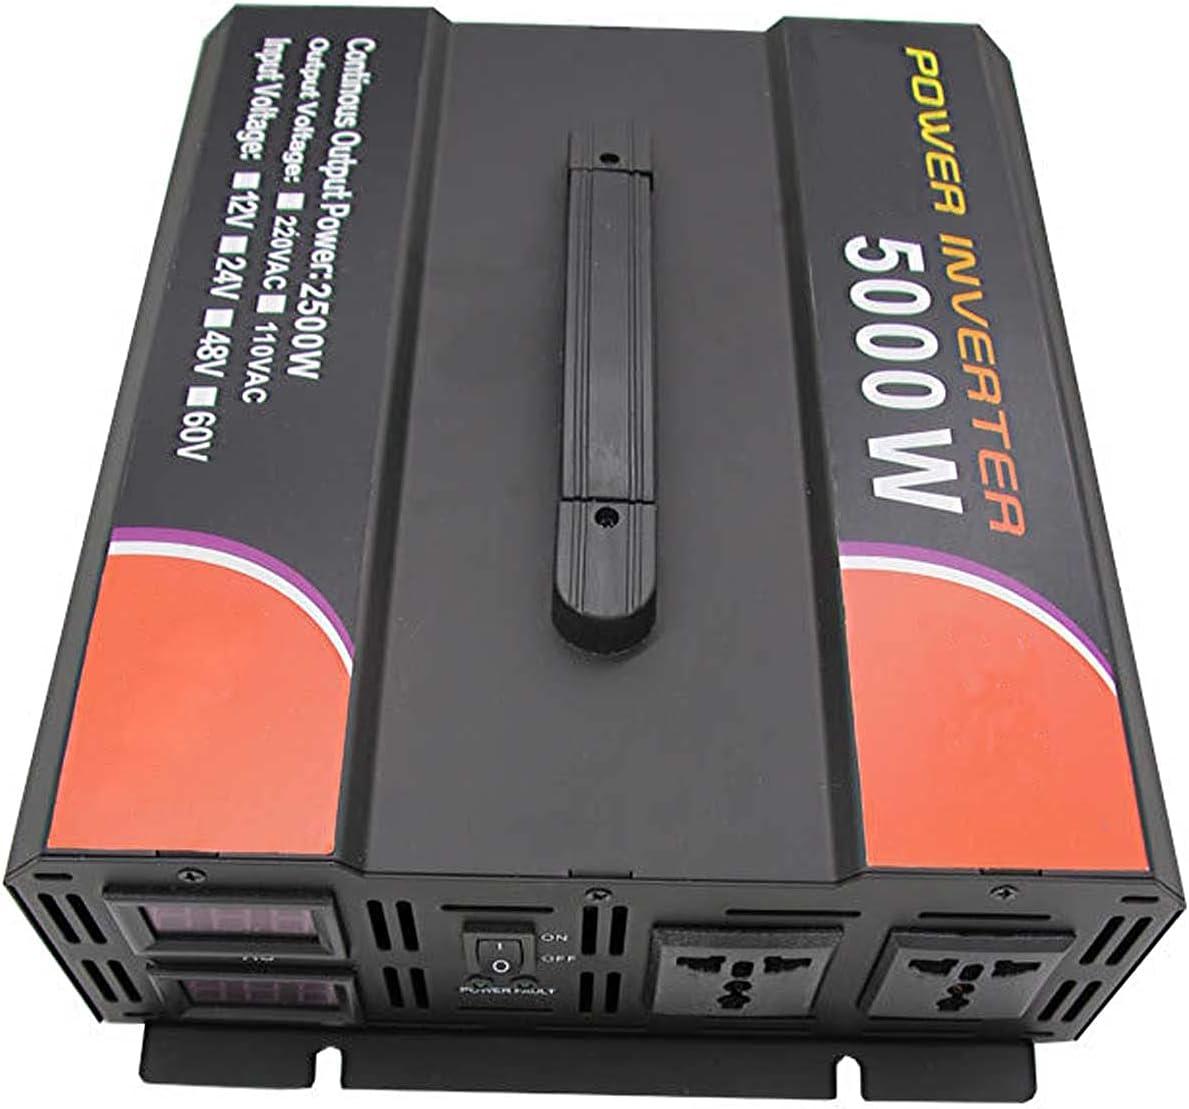 FDQNDXF Inversor de Onda Sinusoidal Pura de 5000 W / 6000 W, Convertidor de Voltaje de 12 v / 24 v a 220 v, Inversor de Corriente para Automóvil con Salidas de CA Dobles, para Camión y Barco de RV